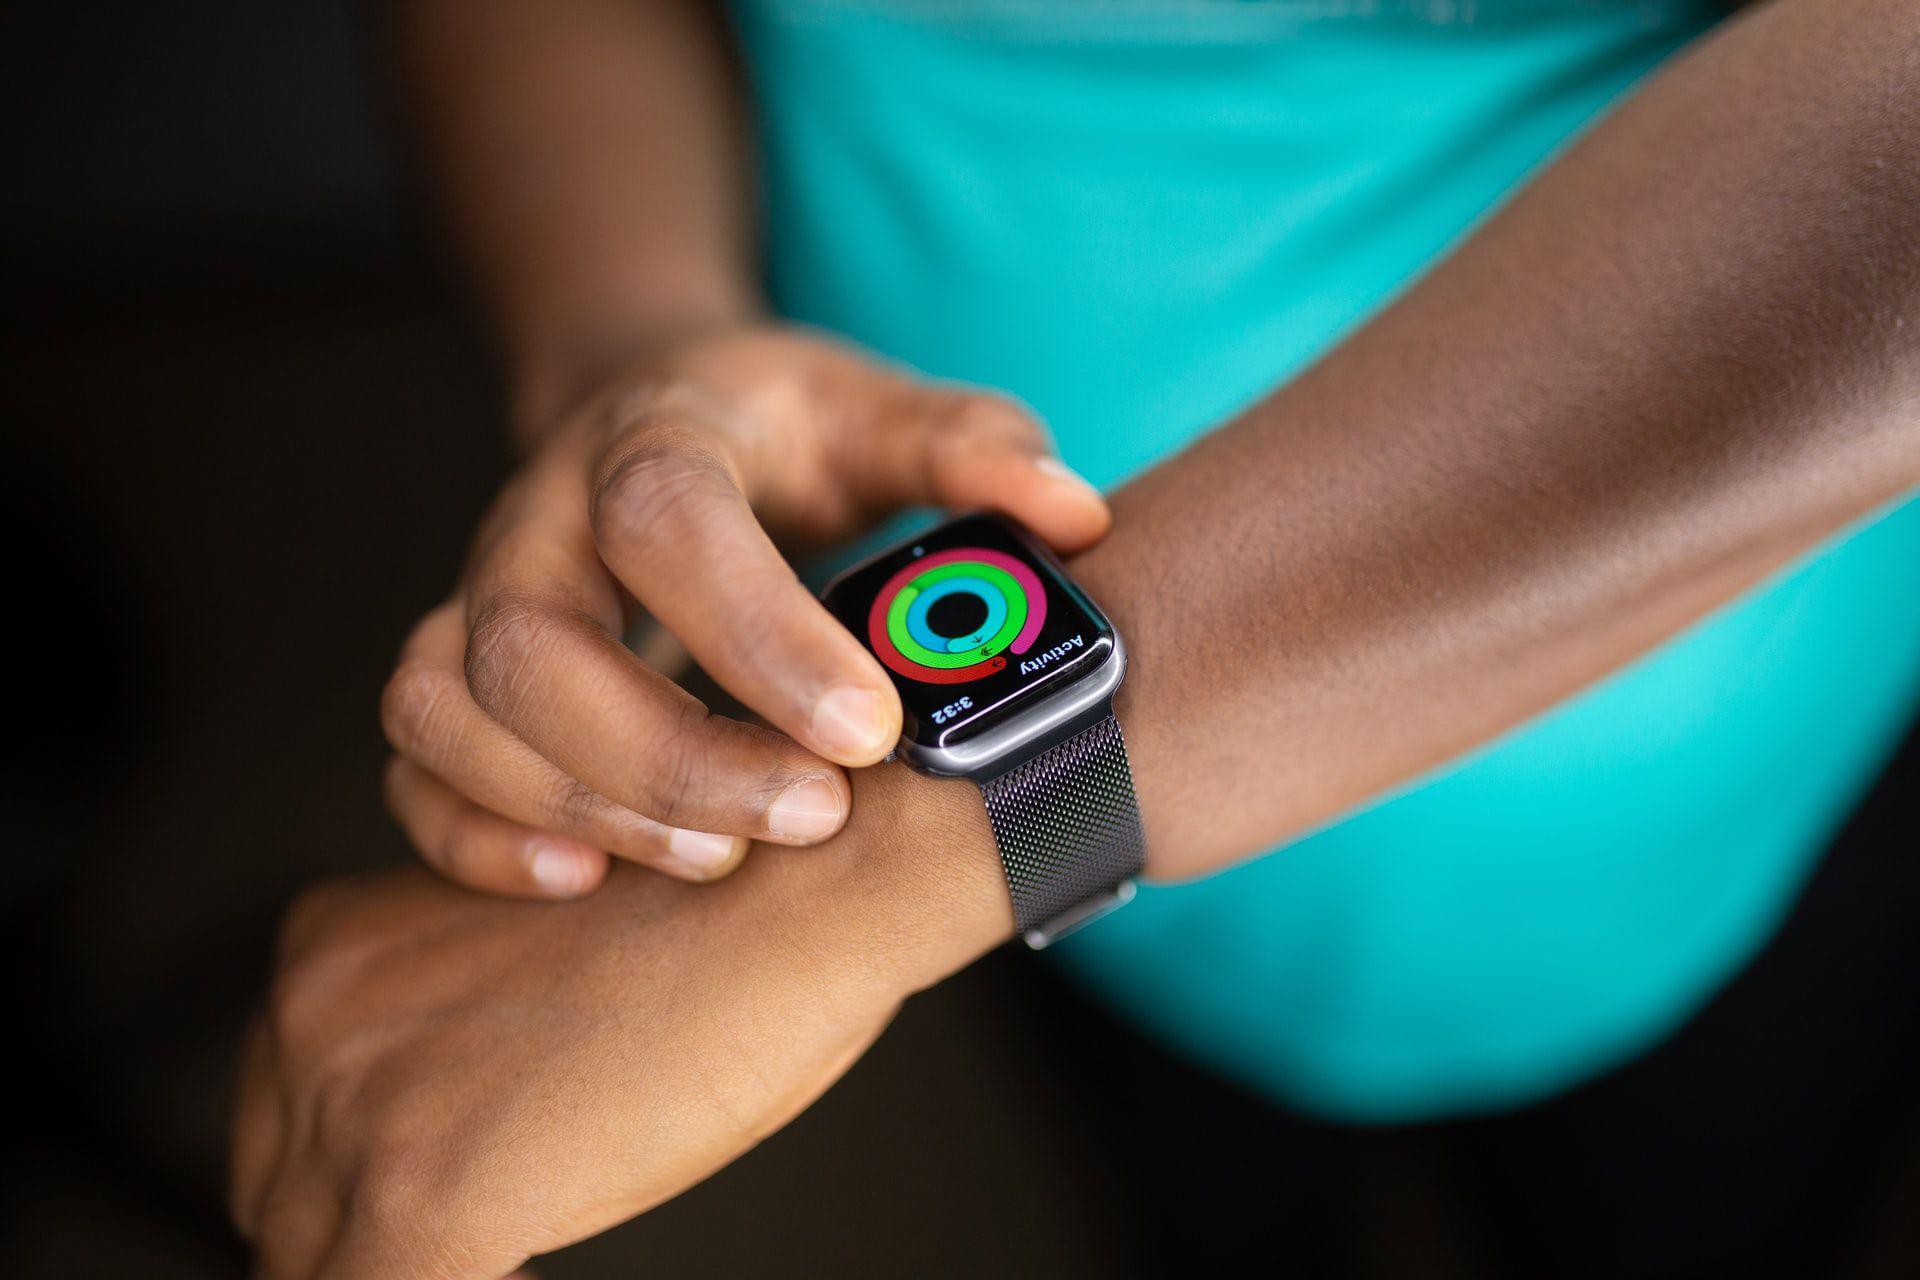 A woman using an Apple Watch